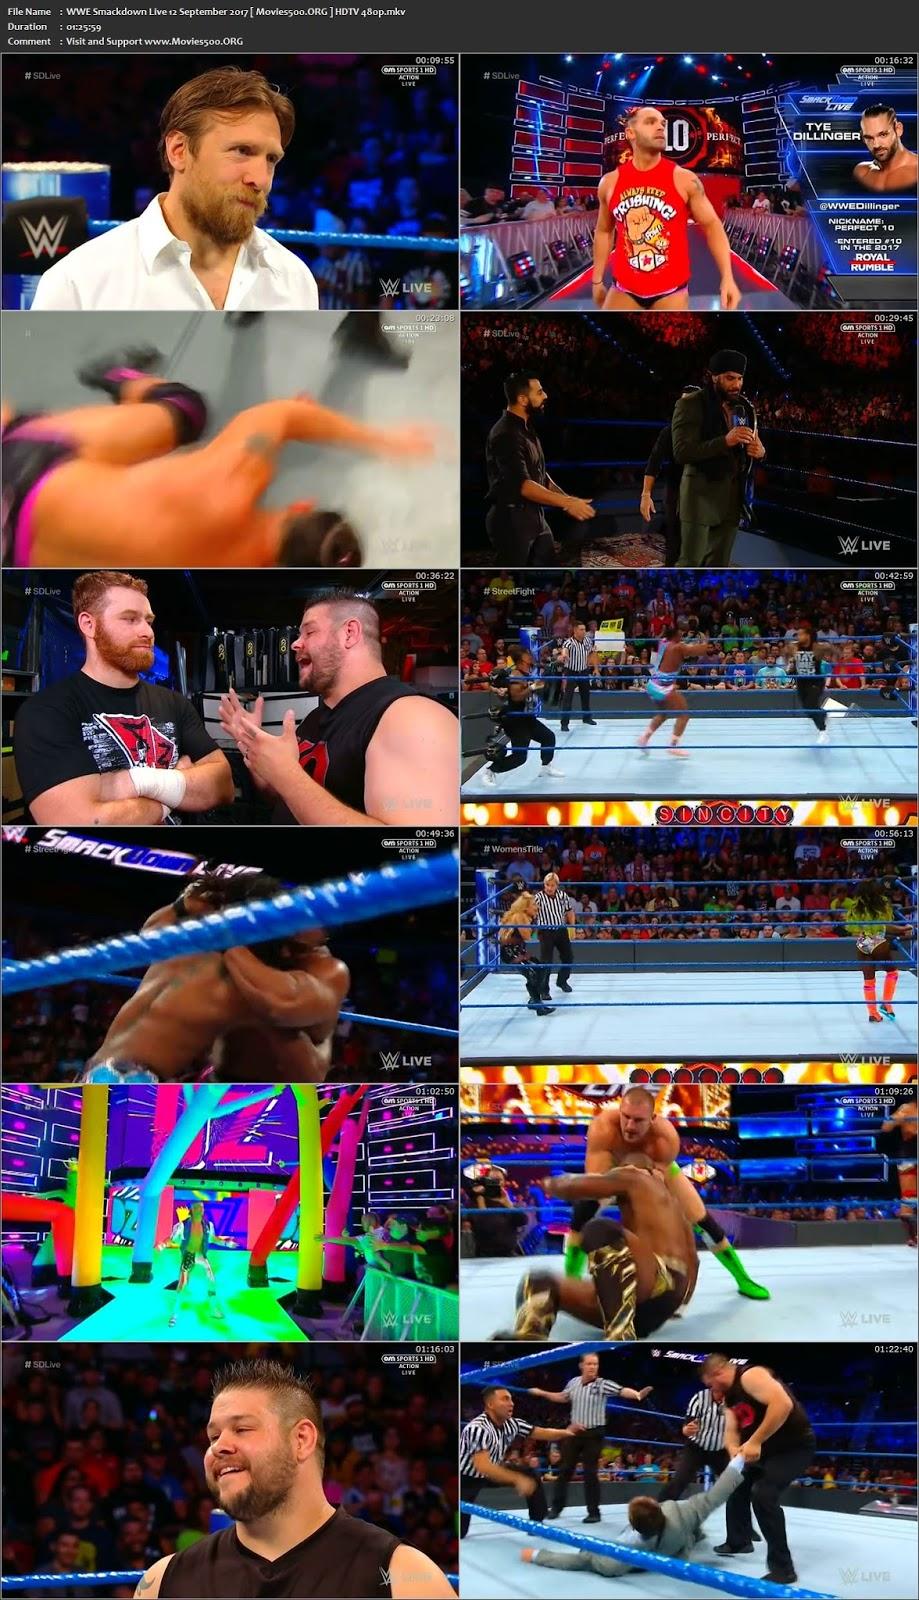 WWE Smackdown Live 12 SEPTEMBER 2017 HDTV 337MB Download 480p